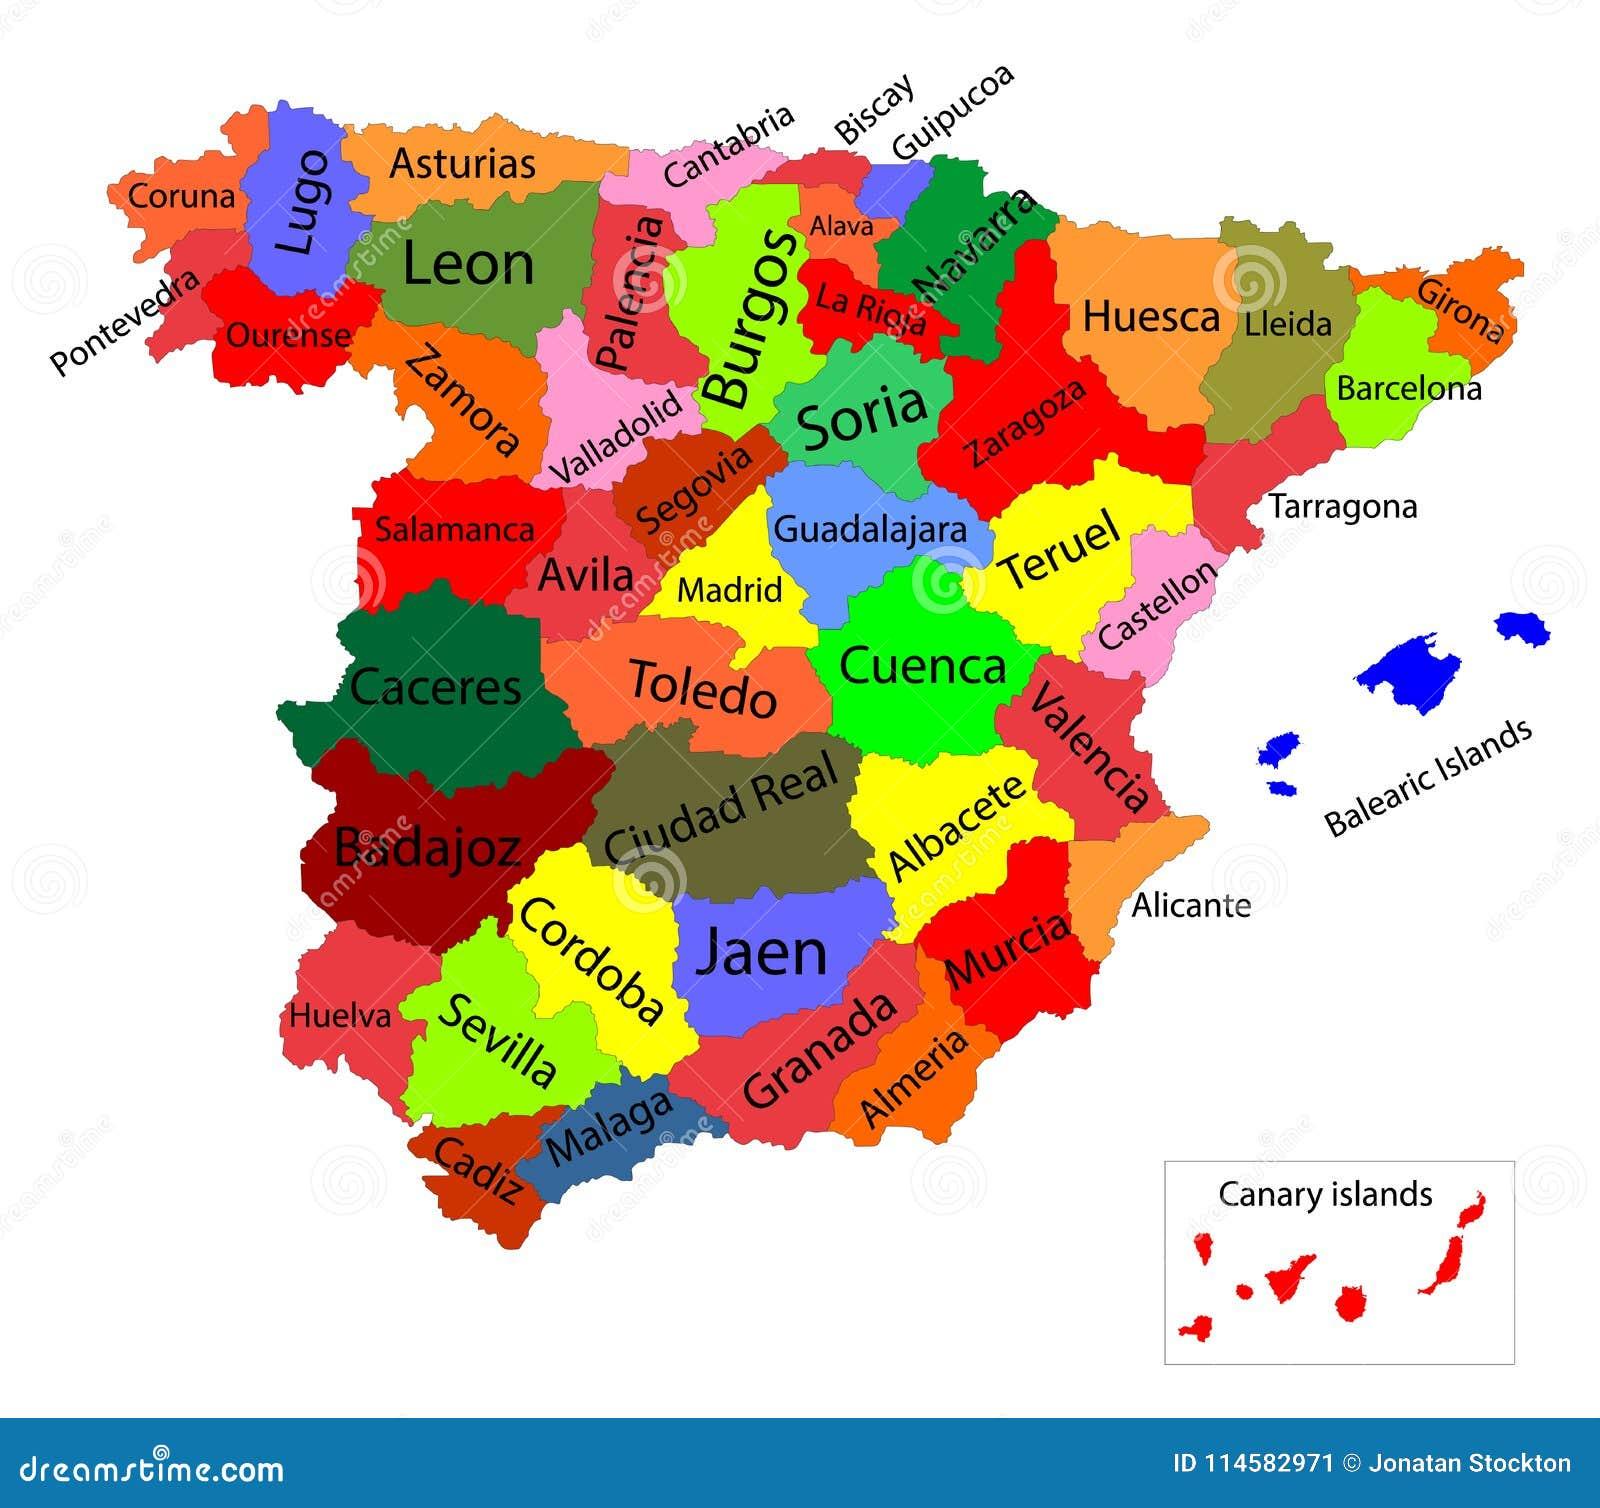 Editable Colorful Map Of Spain. Autonomous Communities Of Spain ...